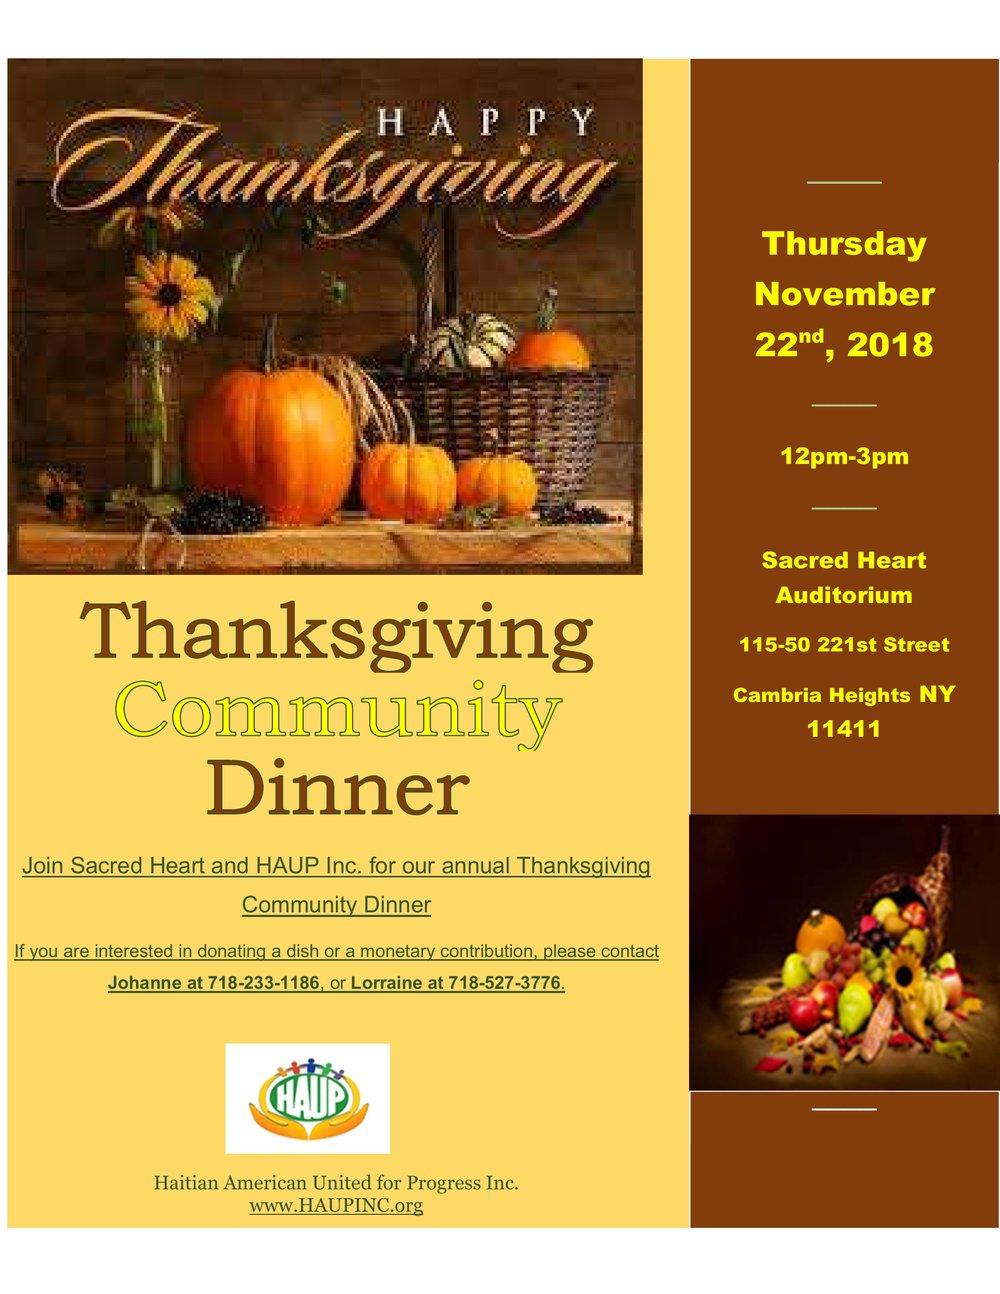 Thanksgiving Community Dinner Flyer.jpg